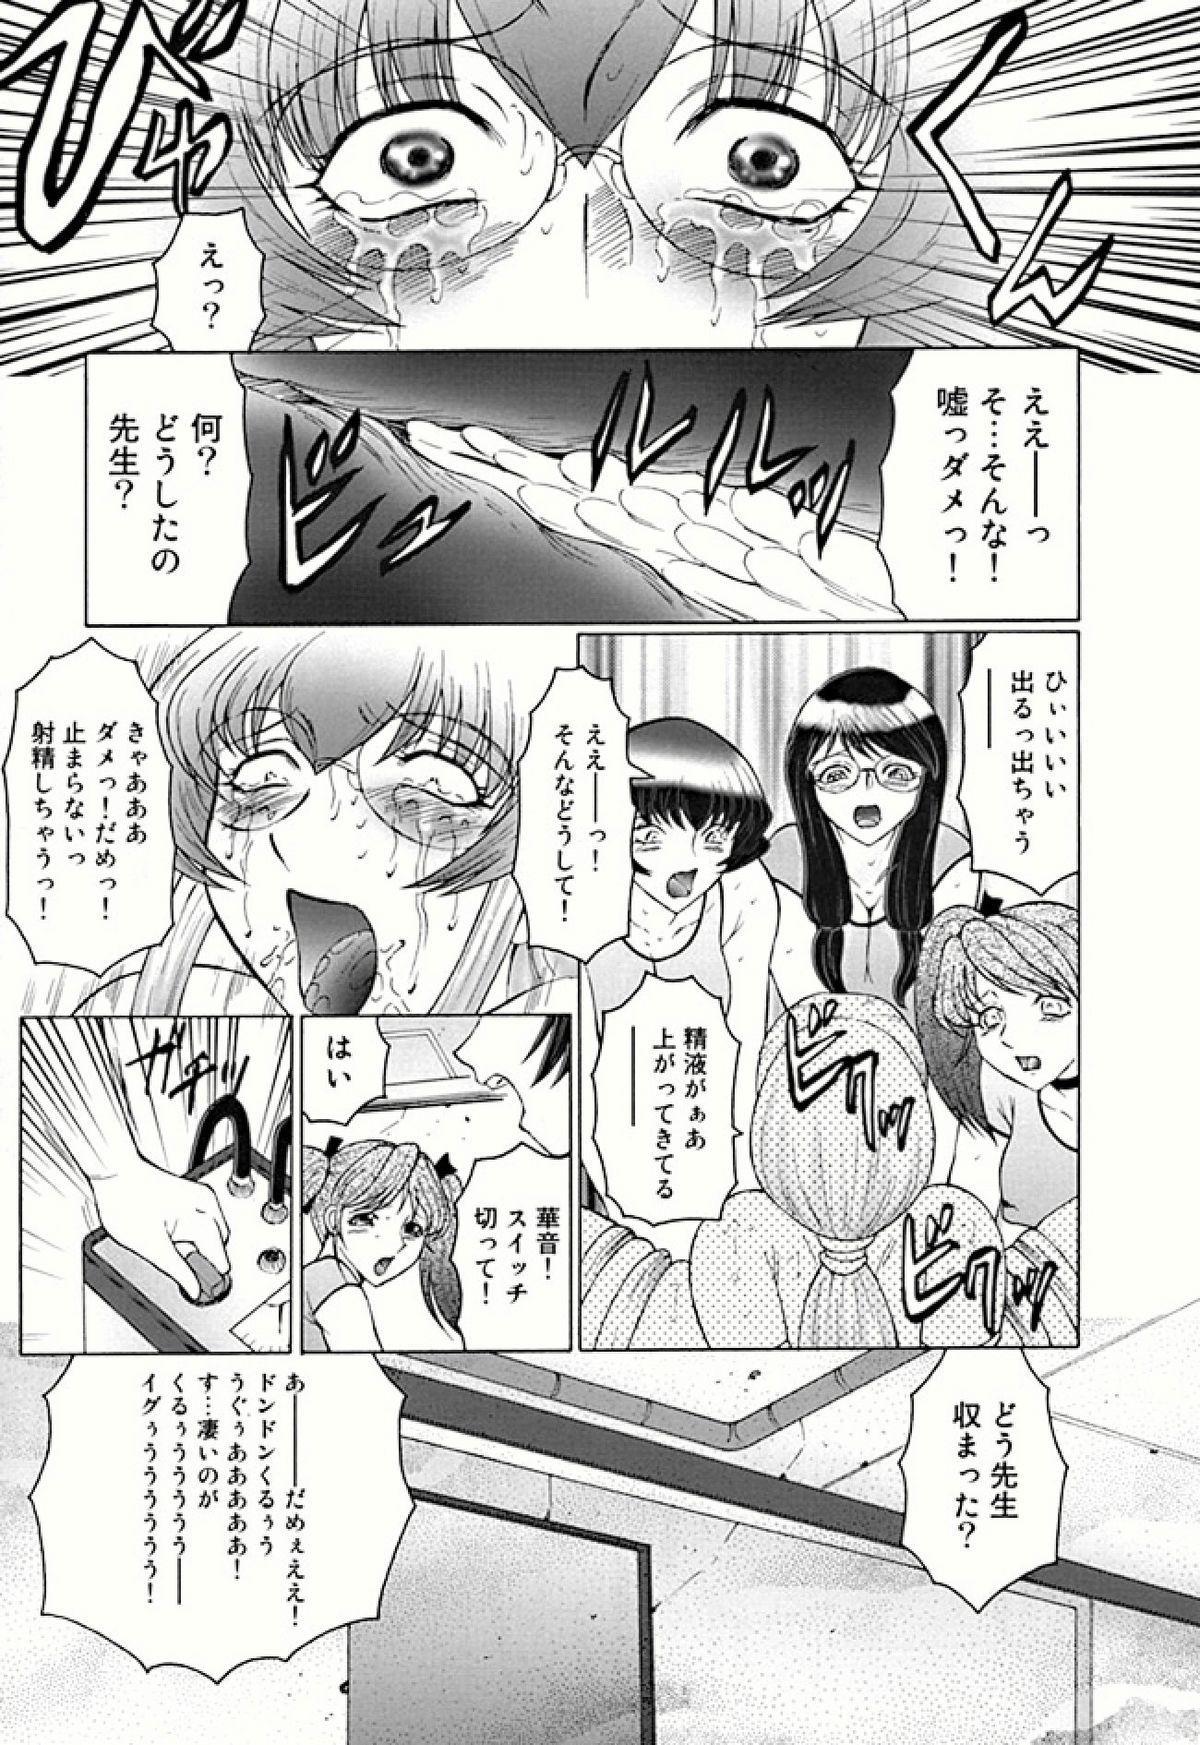 Futagami - Futanari Onna Kyoushi Zecchou Hiroku 110